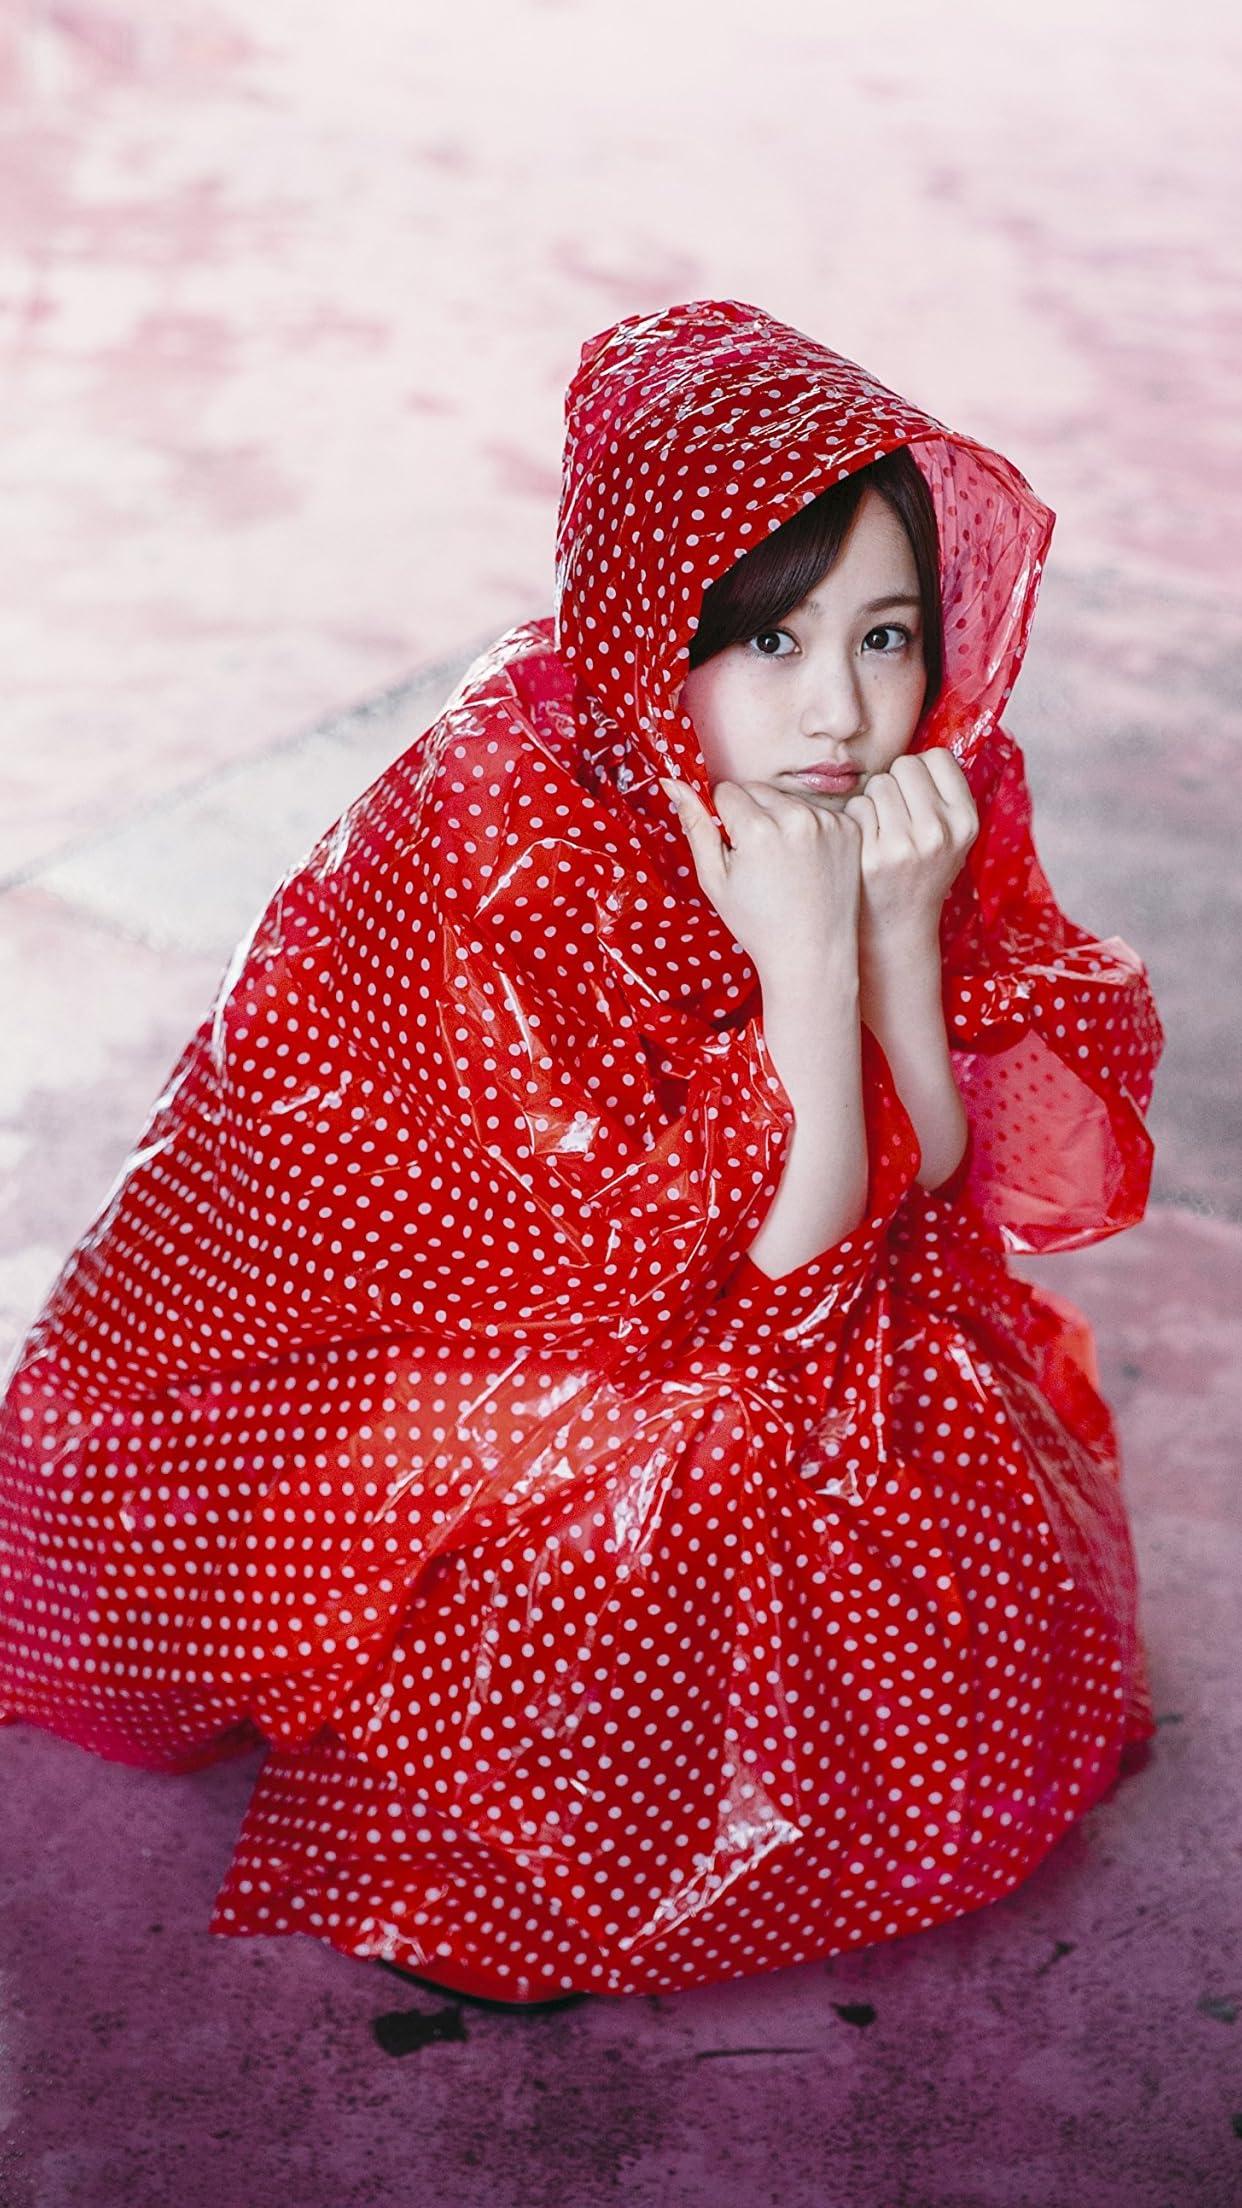 乃木坂46 赤ずきんちゃんのような雨合羽の星野みなみさん iPhone8,7,6 Plus 壁紙(1242×2208)画像